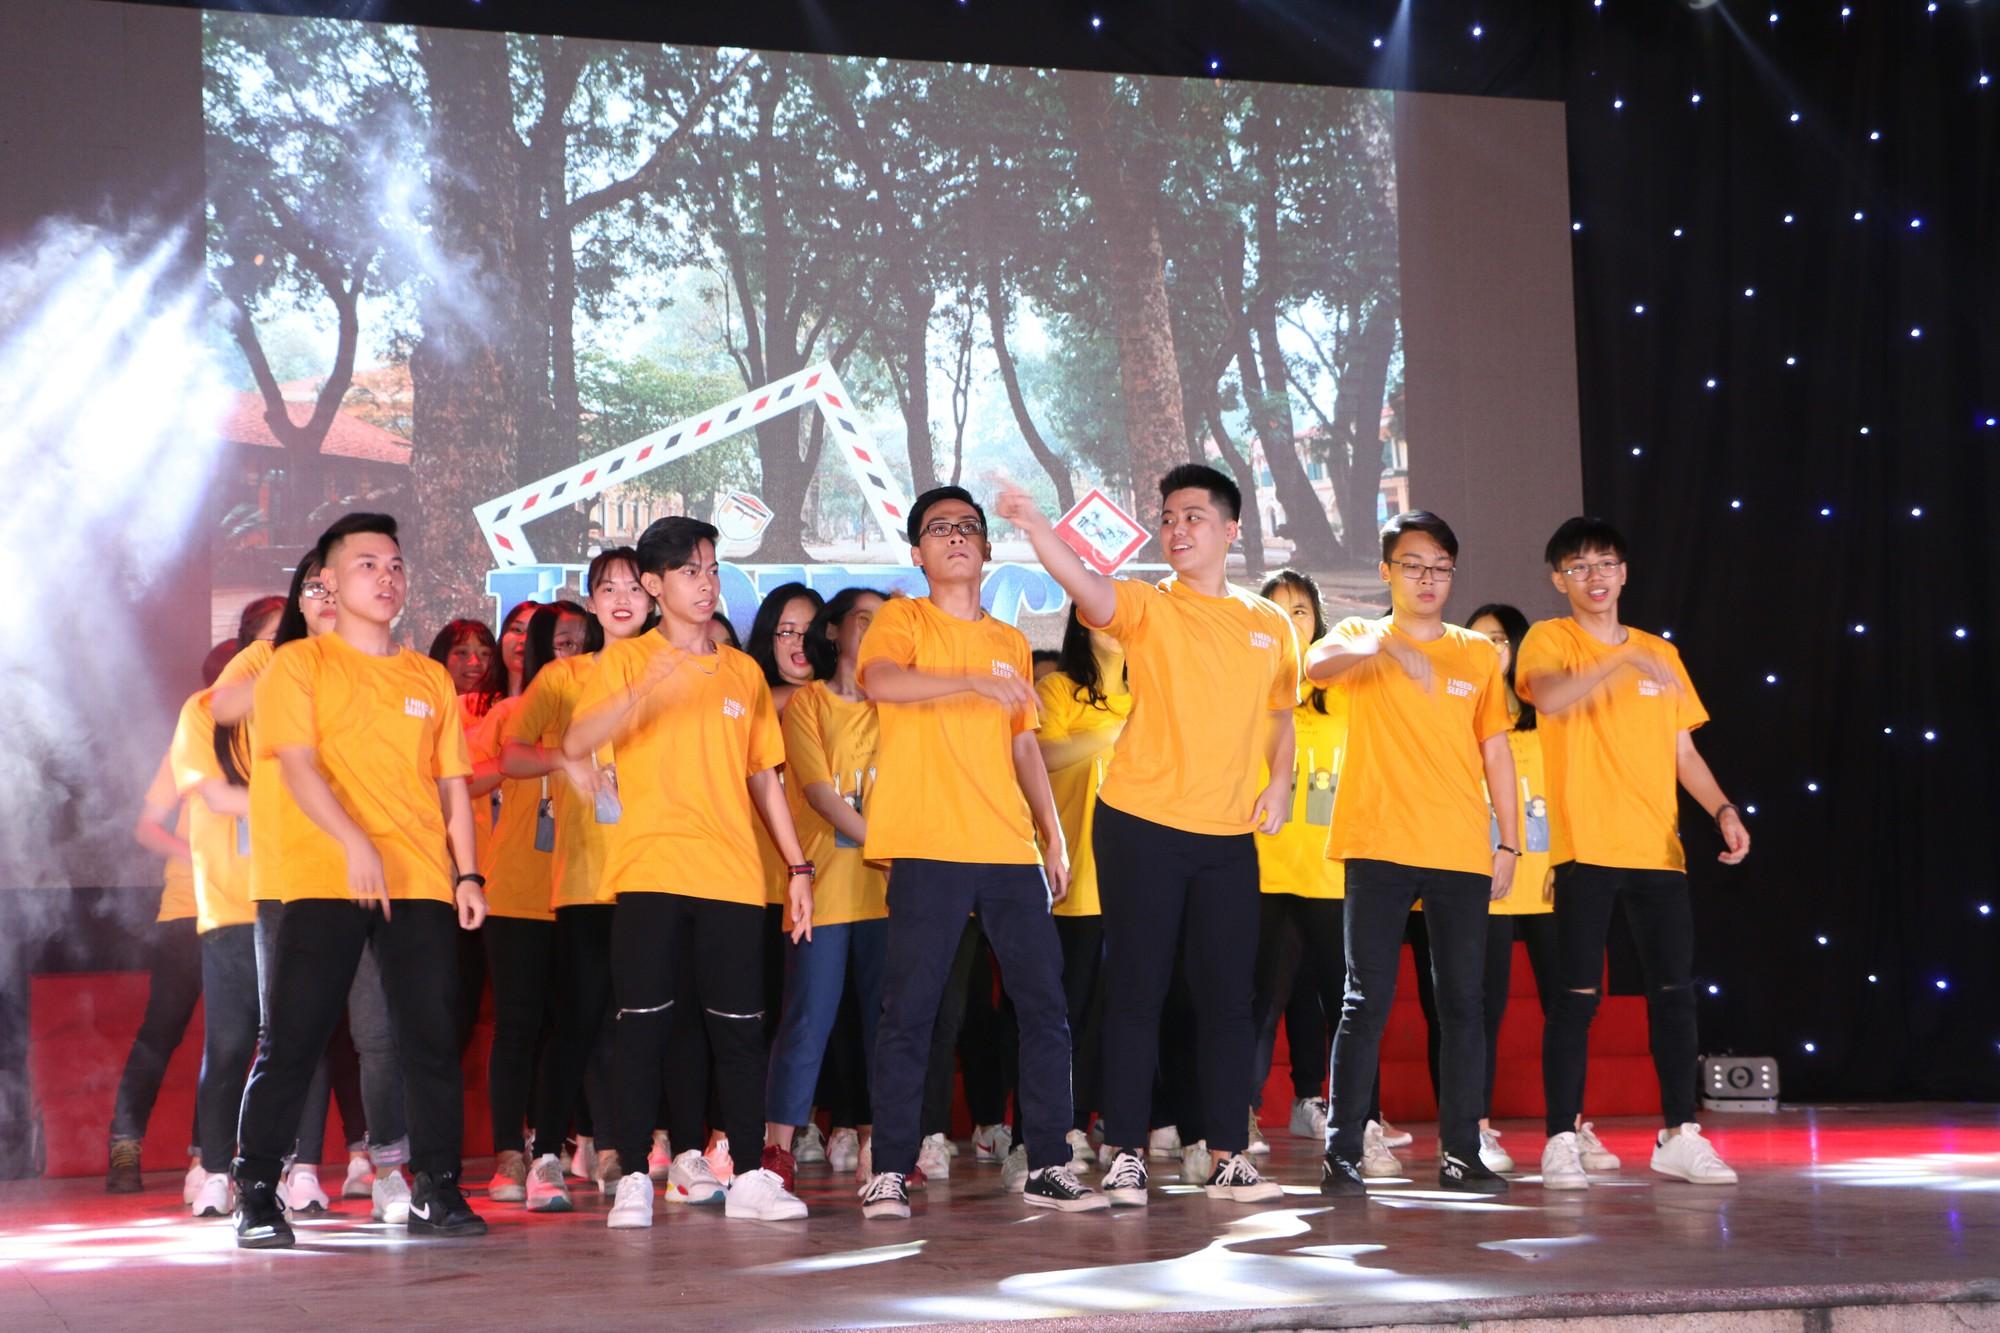 Học sinh THPT Chu Văn An cháy hết mình trong đêm nhạc lễ tri ân và trưởng thành - Ảnh 6.